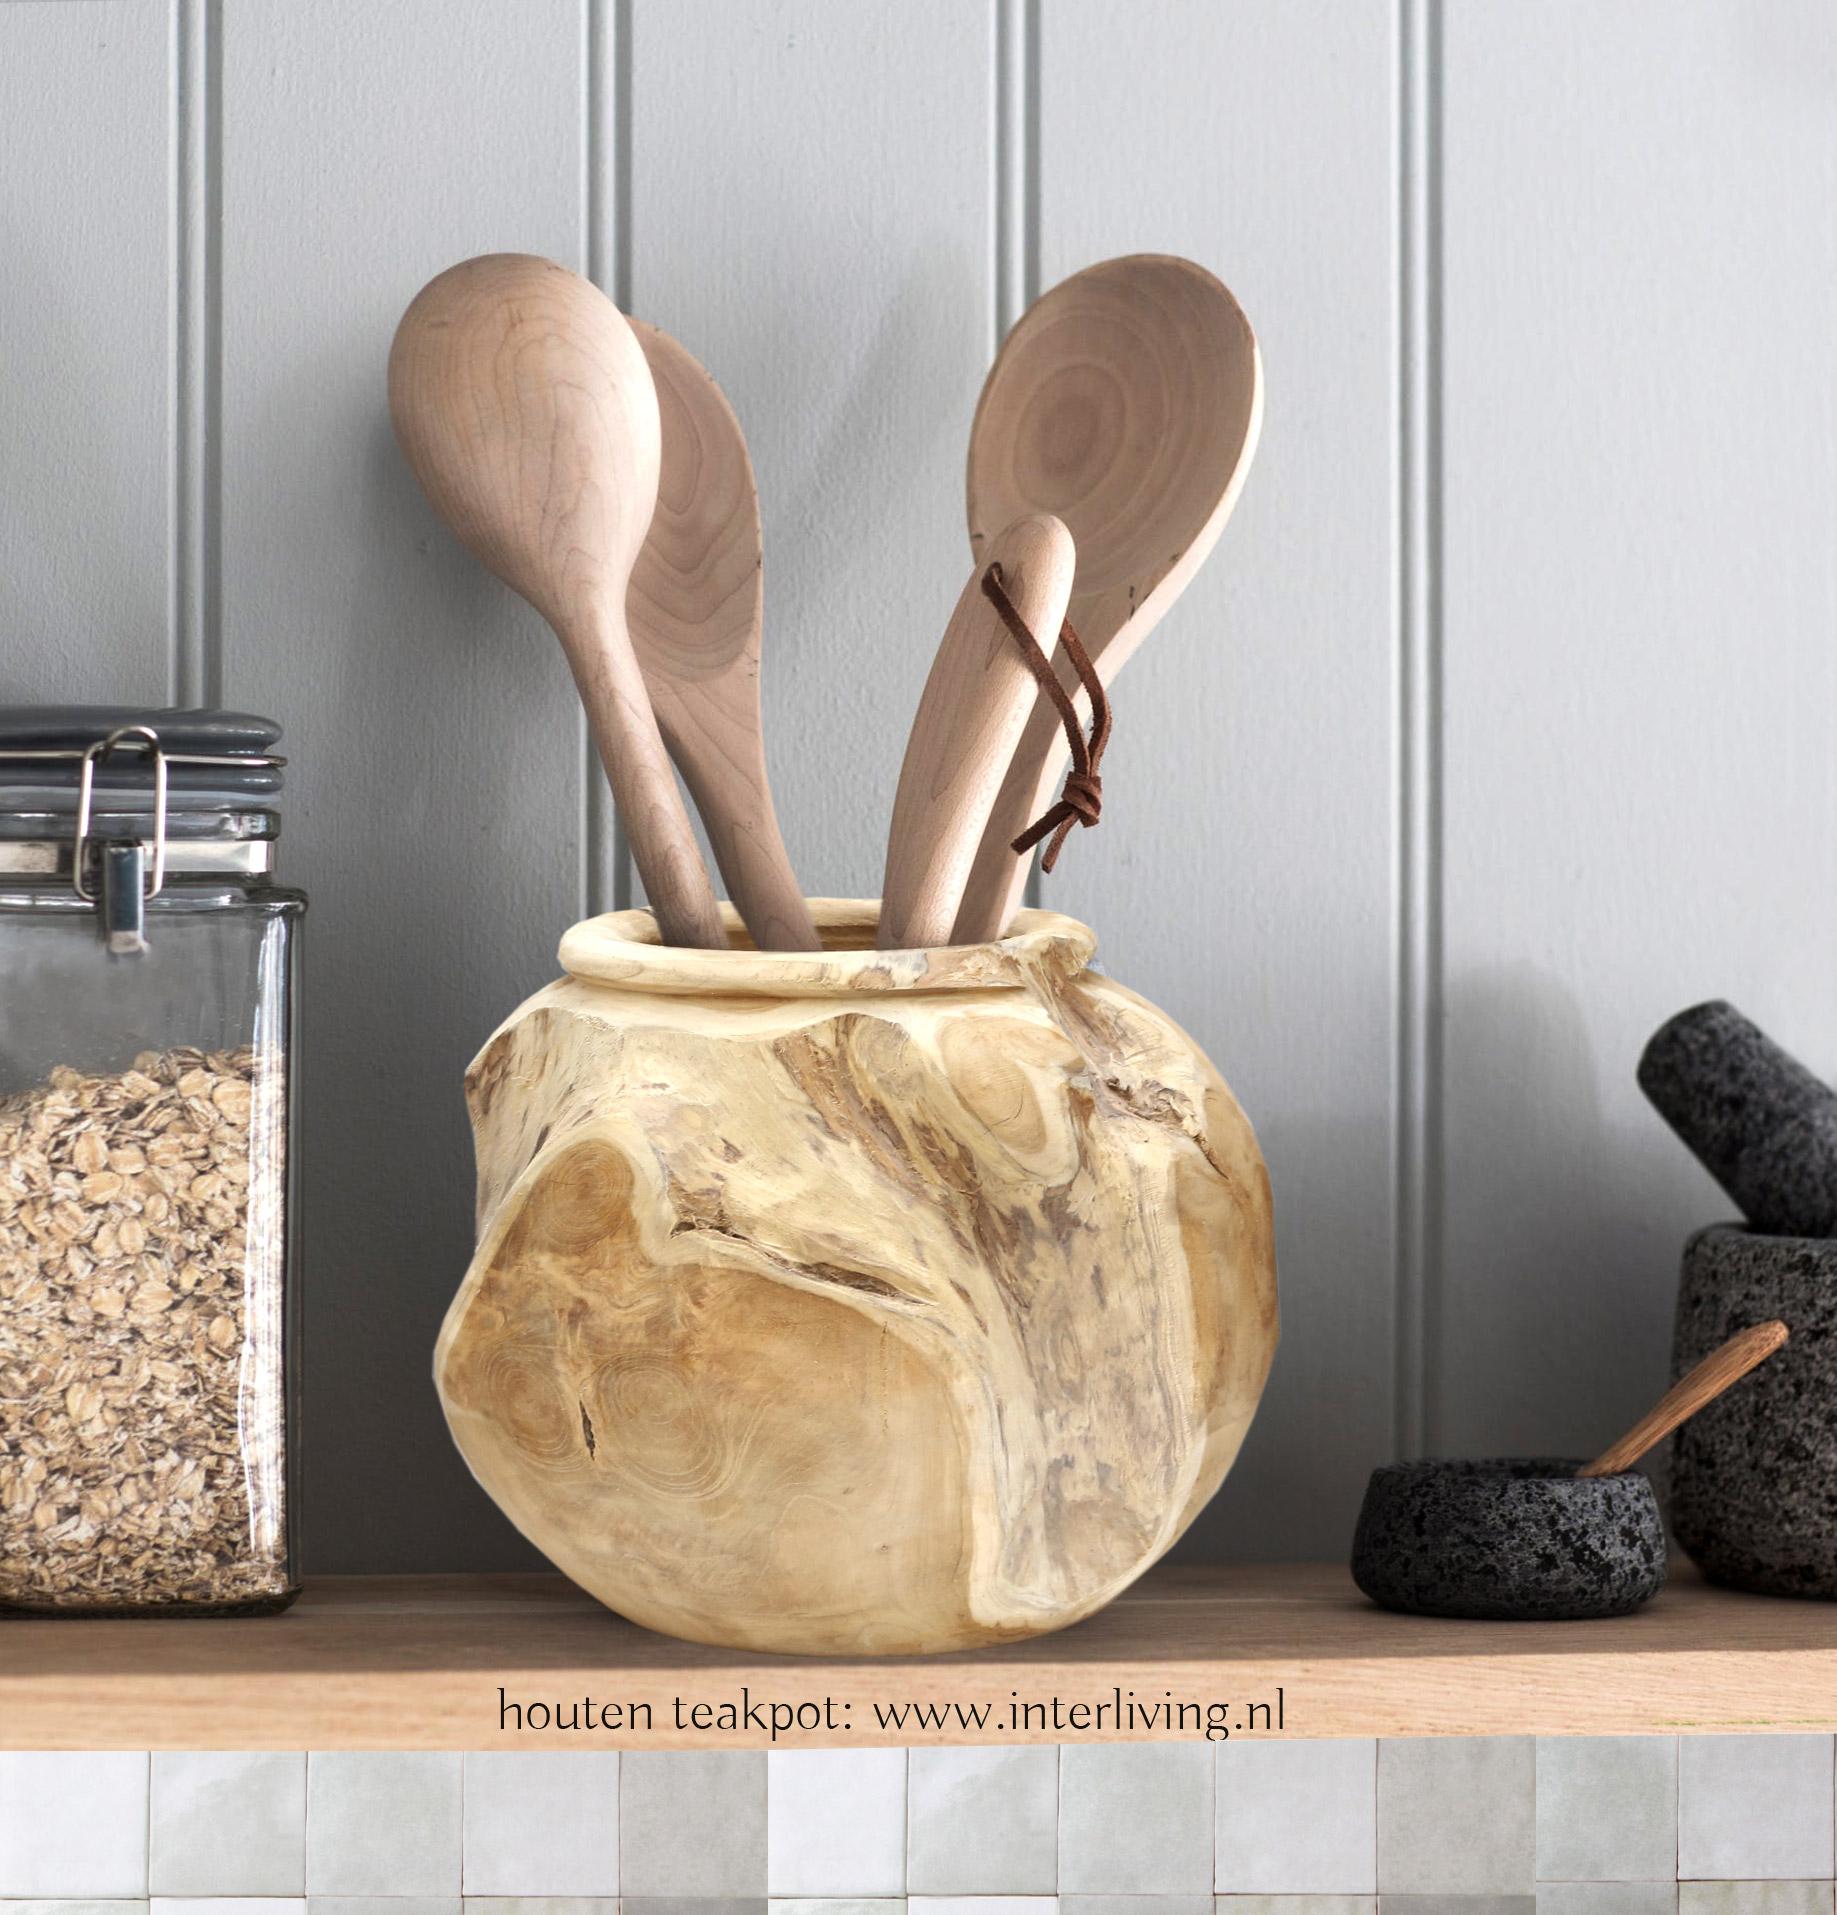 teakhouten ronde pot - Keuken gerei opbergpot uit Indonesië / Bali styling voor je huis en interieur